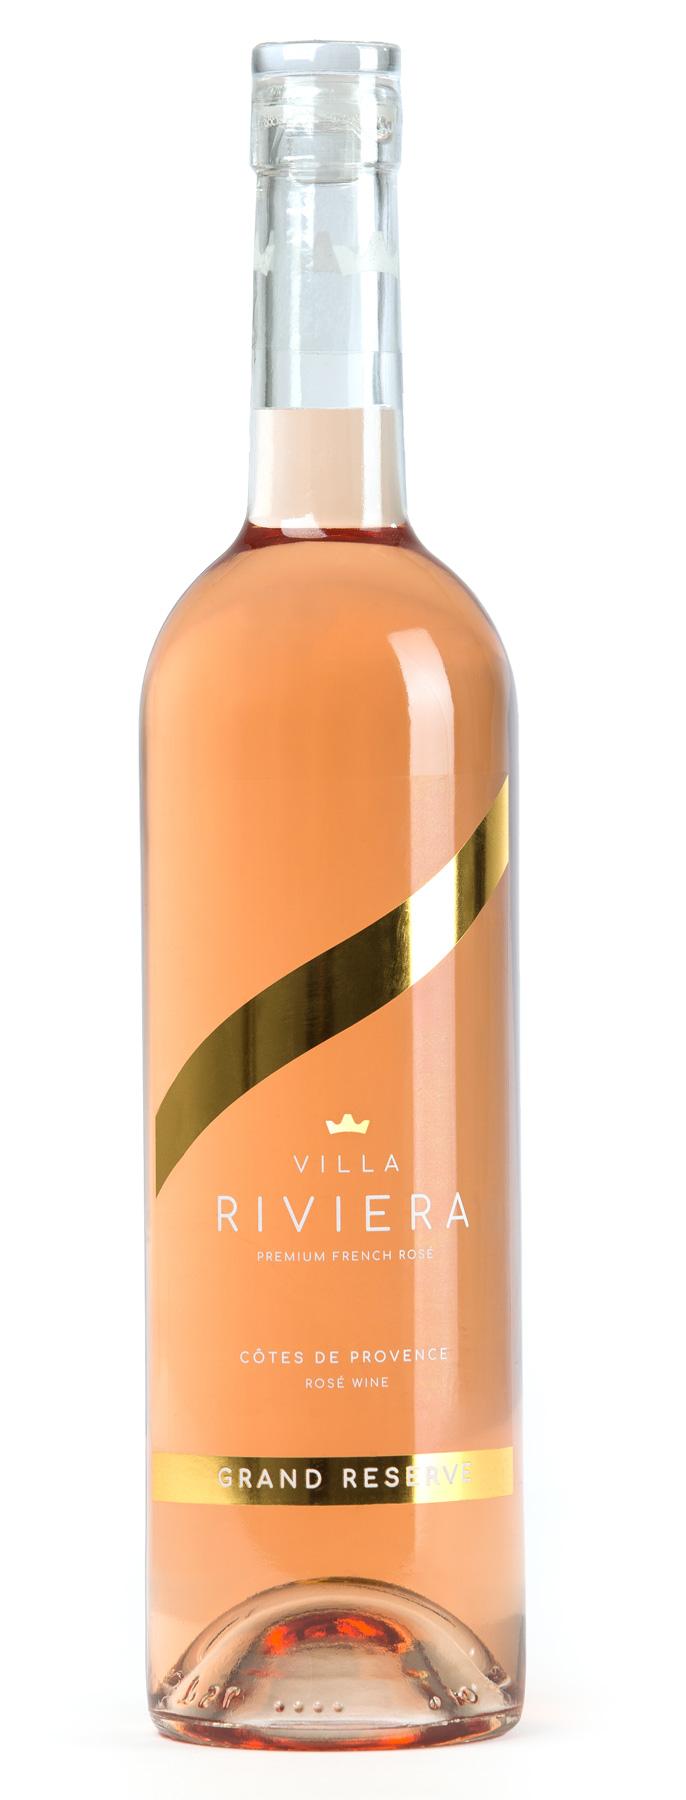 Villa Riviera Grand Reserve